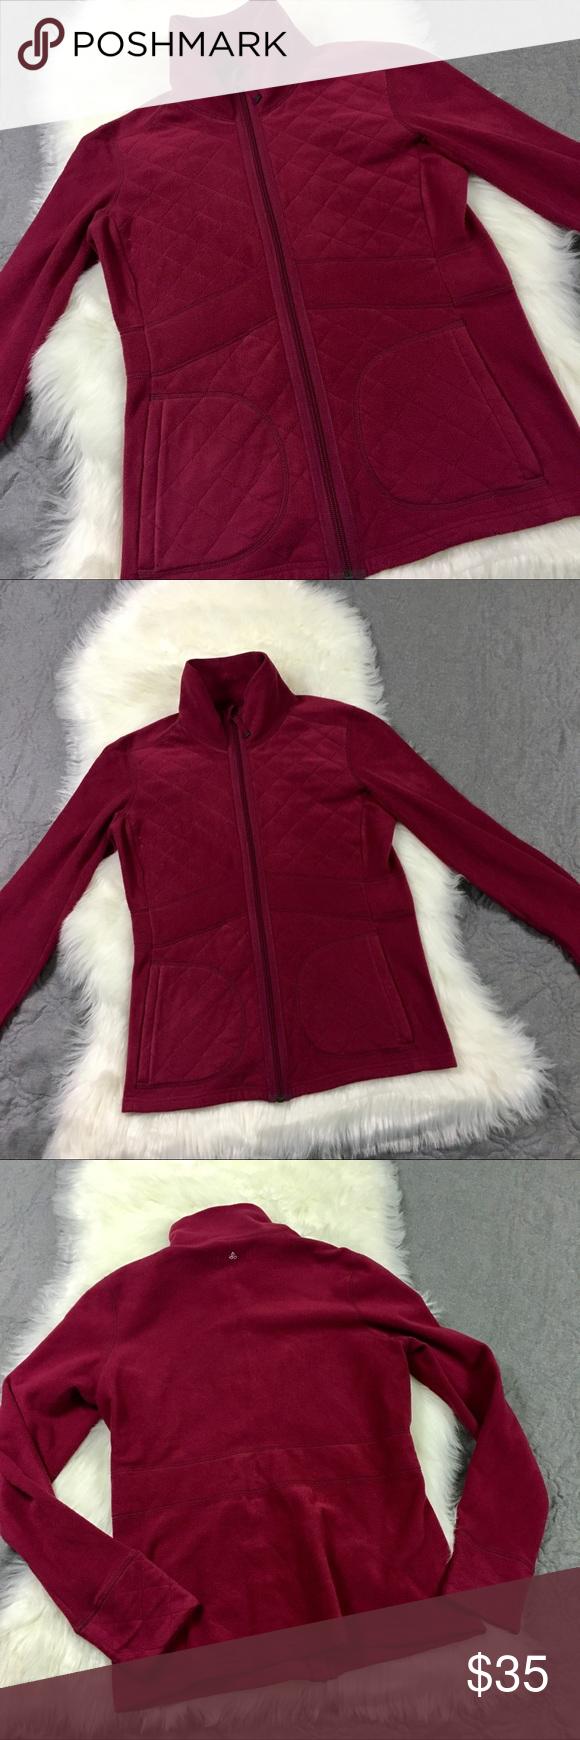 Quilted prana full zip fleece jacket meduim feminine cozy and nice